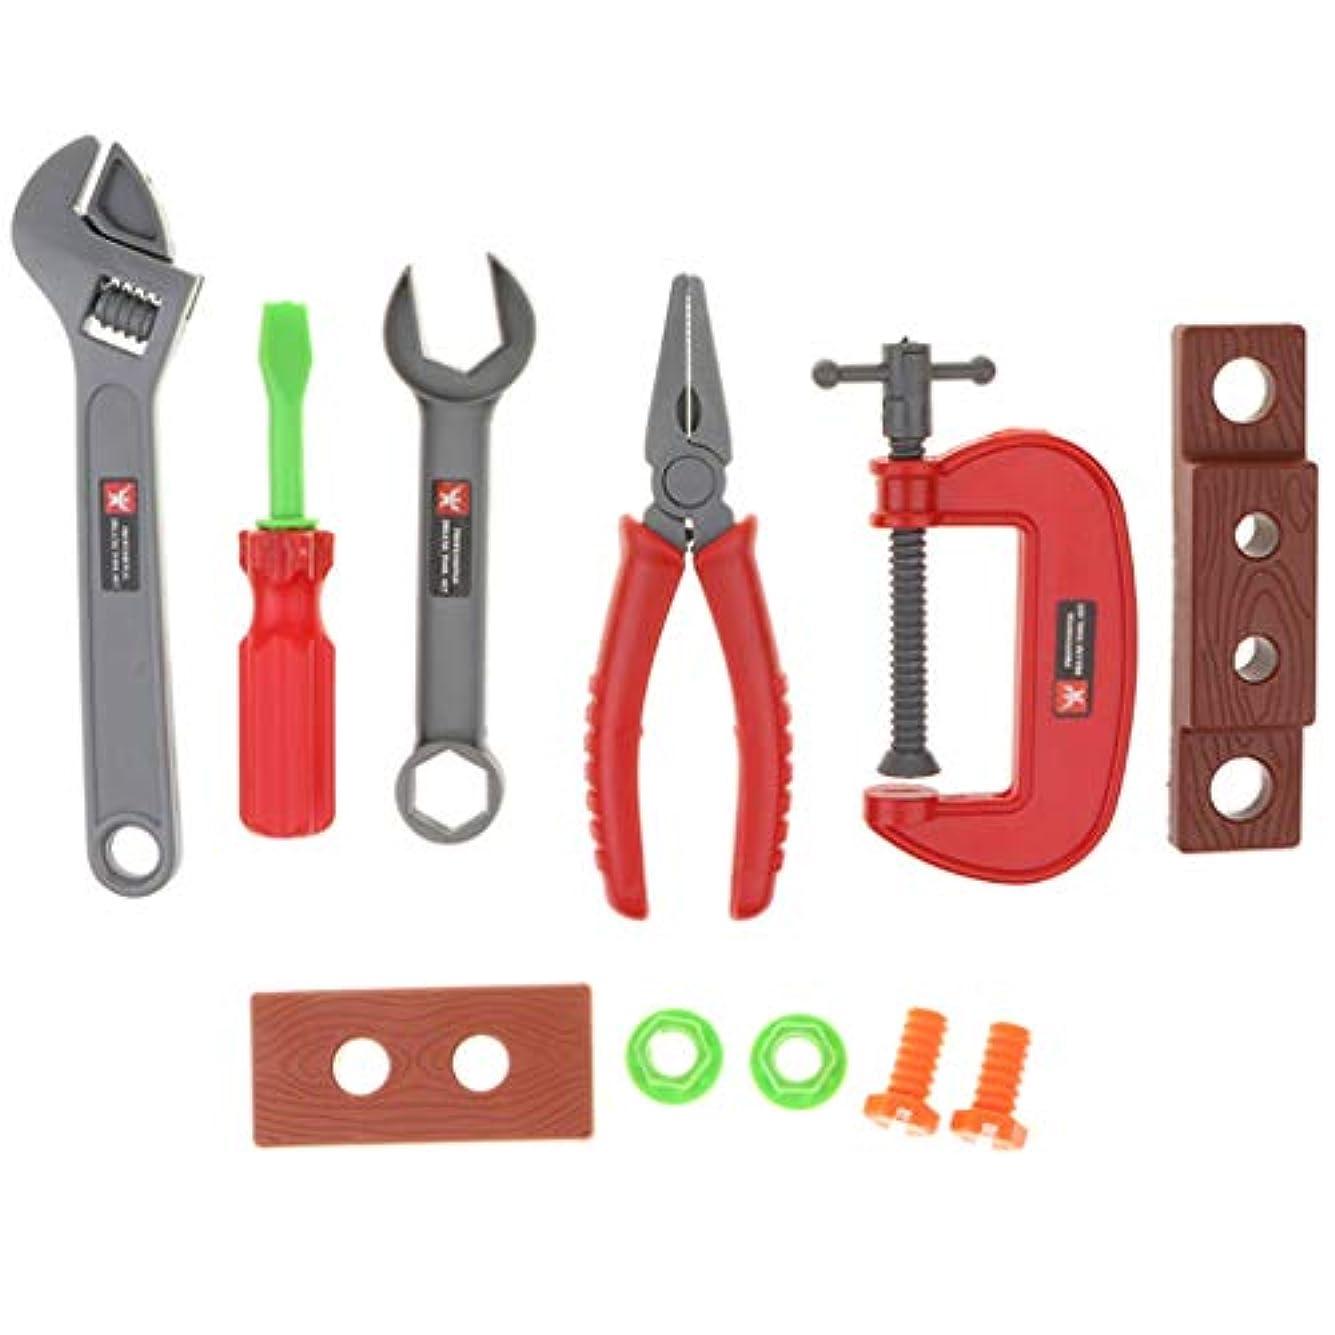 正義違反するオフ工具おもちゃセット 作業道具 修理キット 作業ツール 遊んで勉強 大工さん ホームツール 子供用